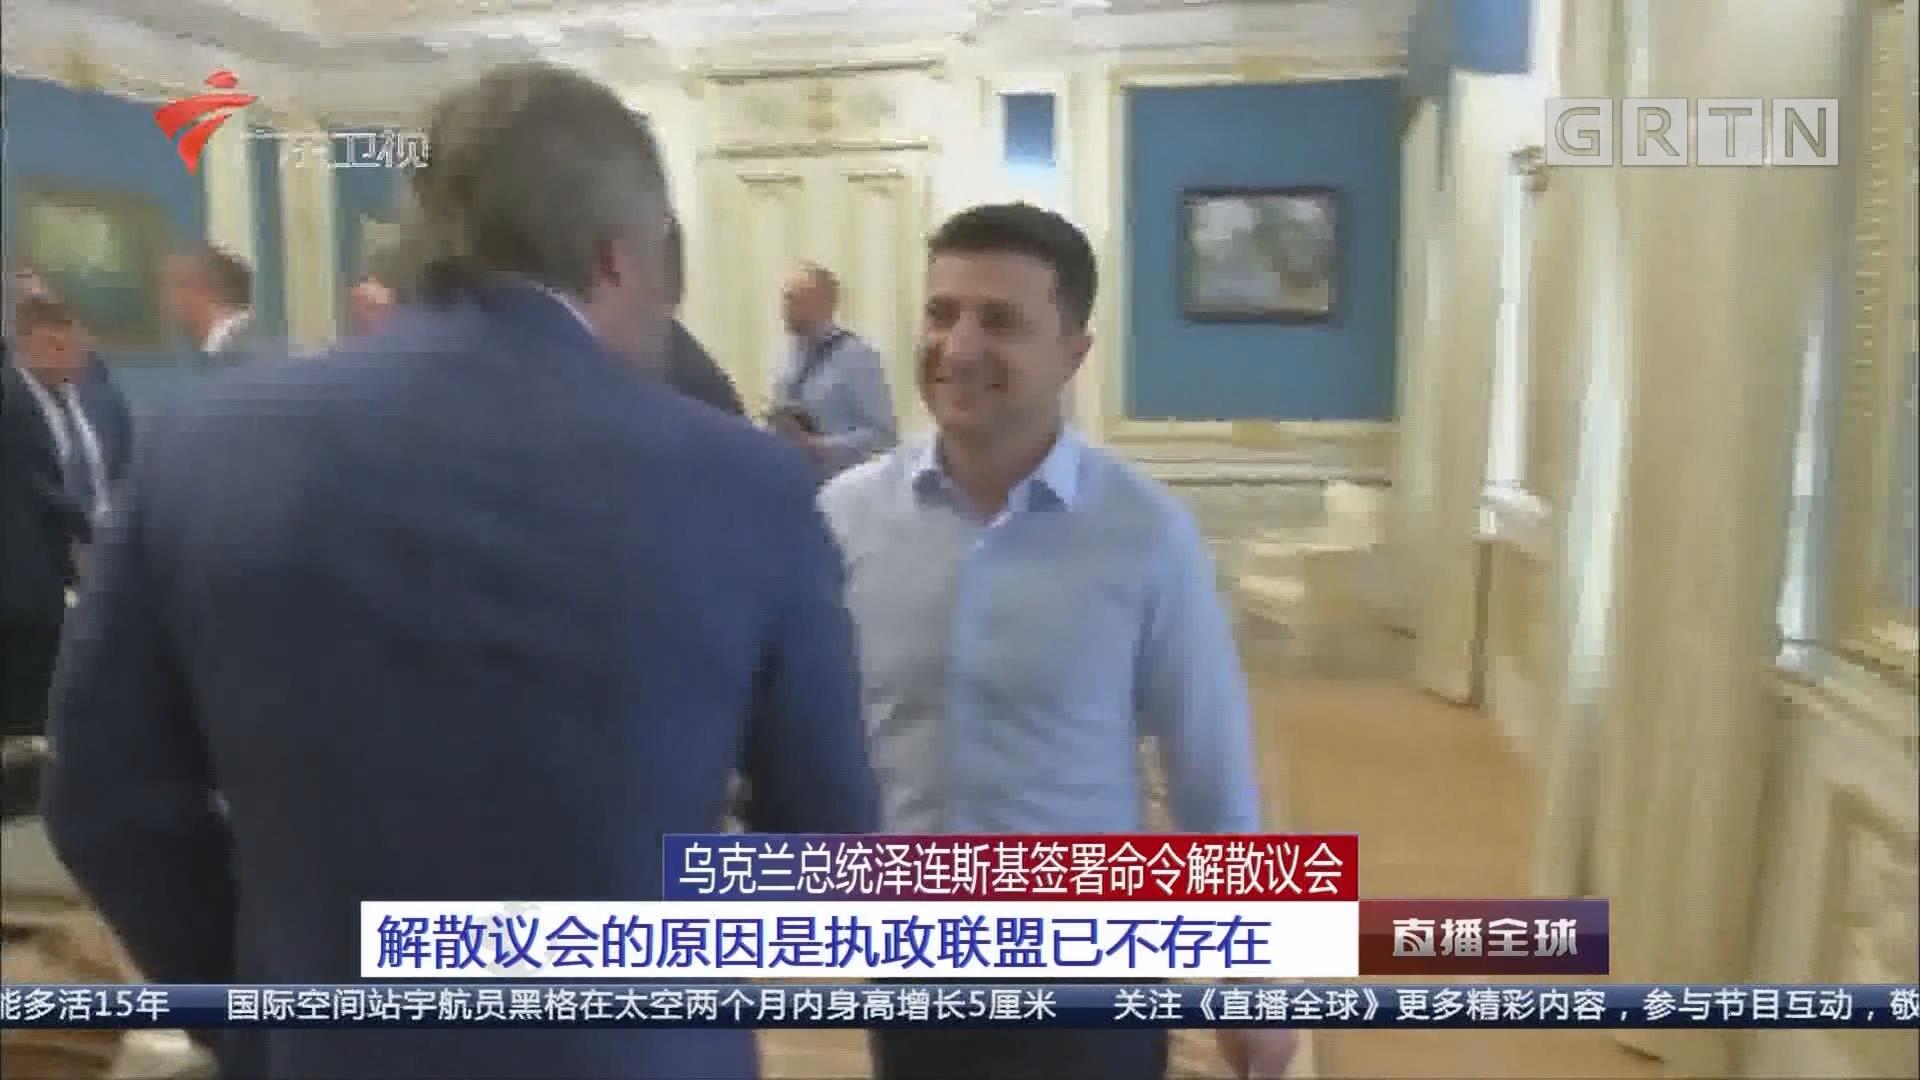 乌克兰总统泽连斯基签署命令解散议会 解散议会的原因是执政联盟已不存在